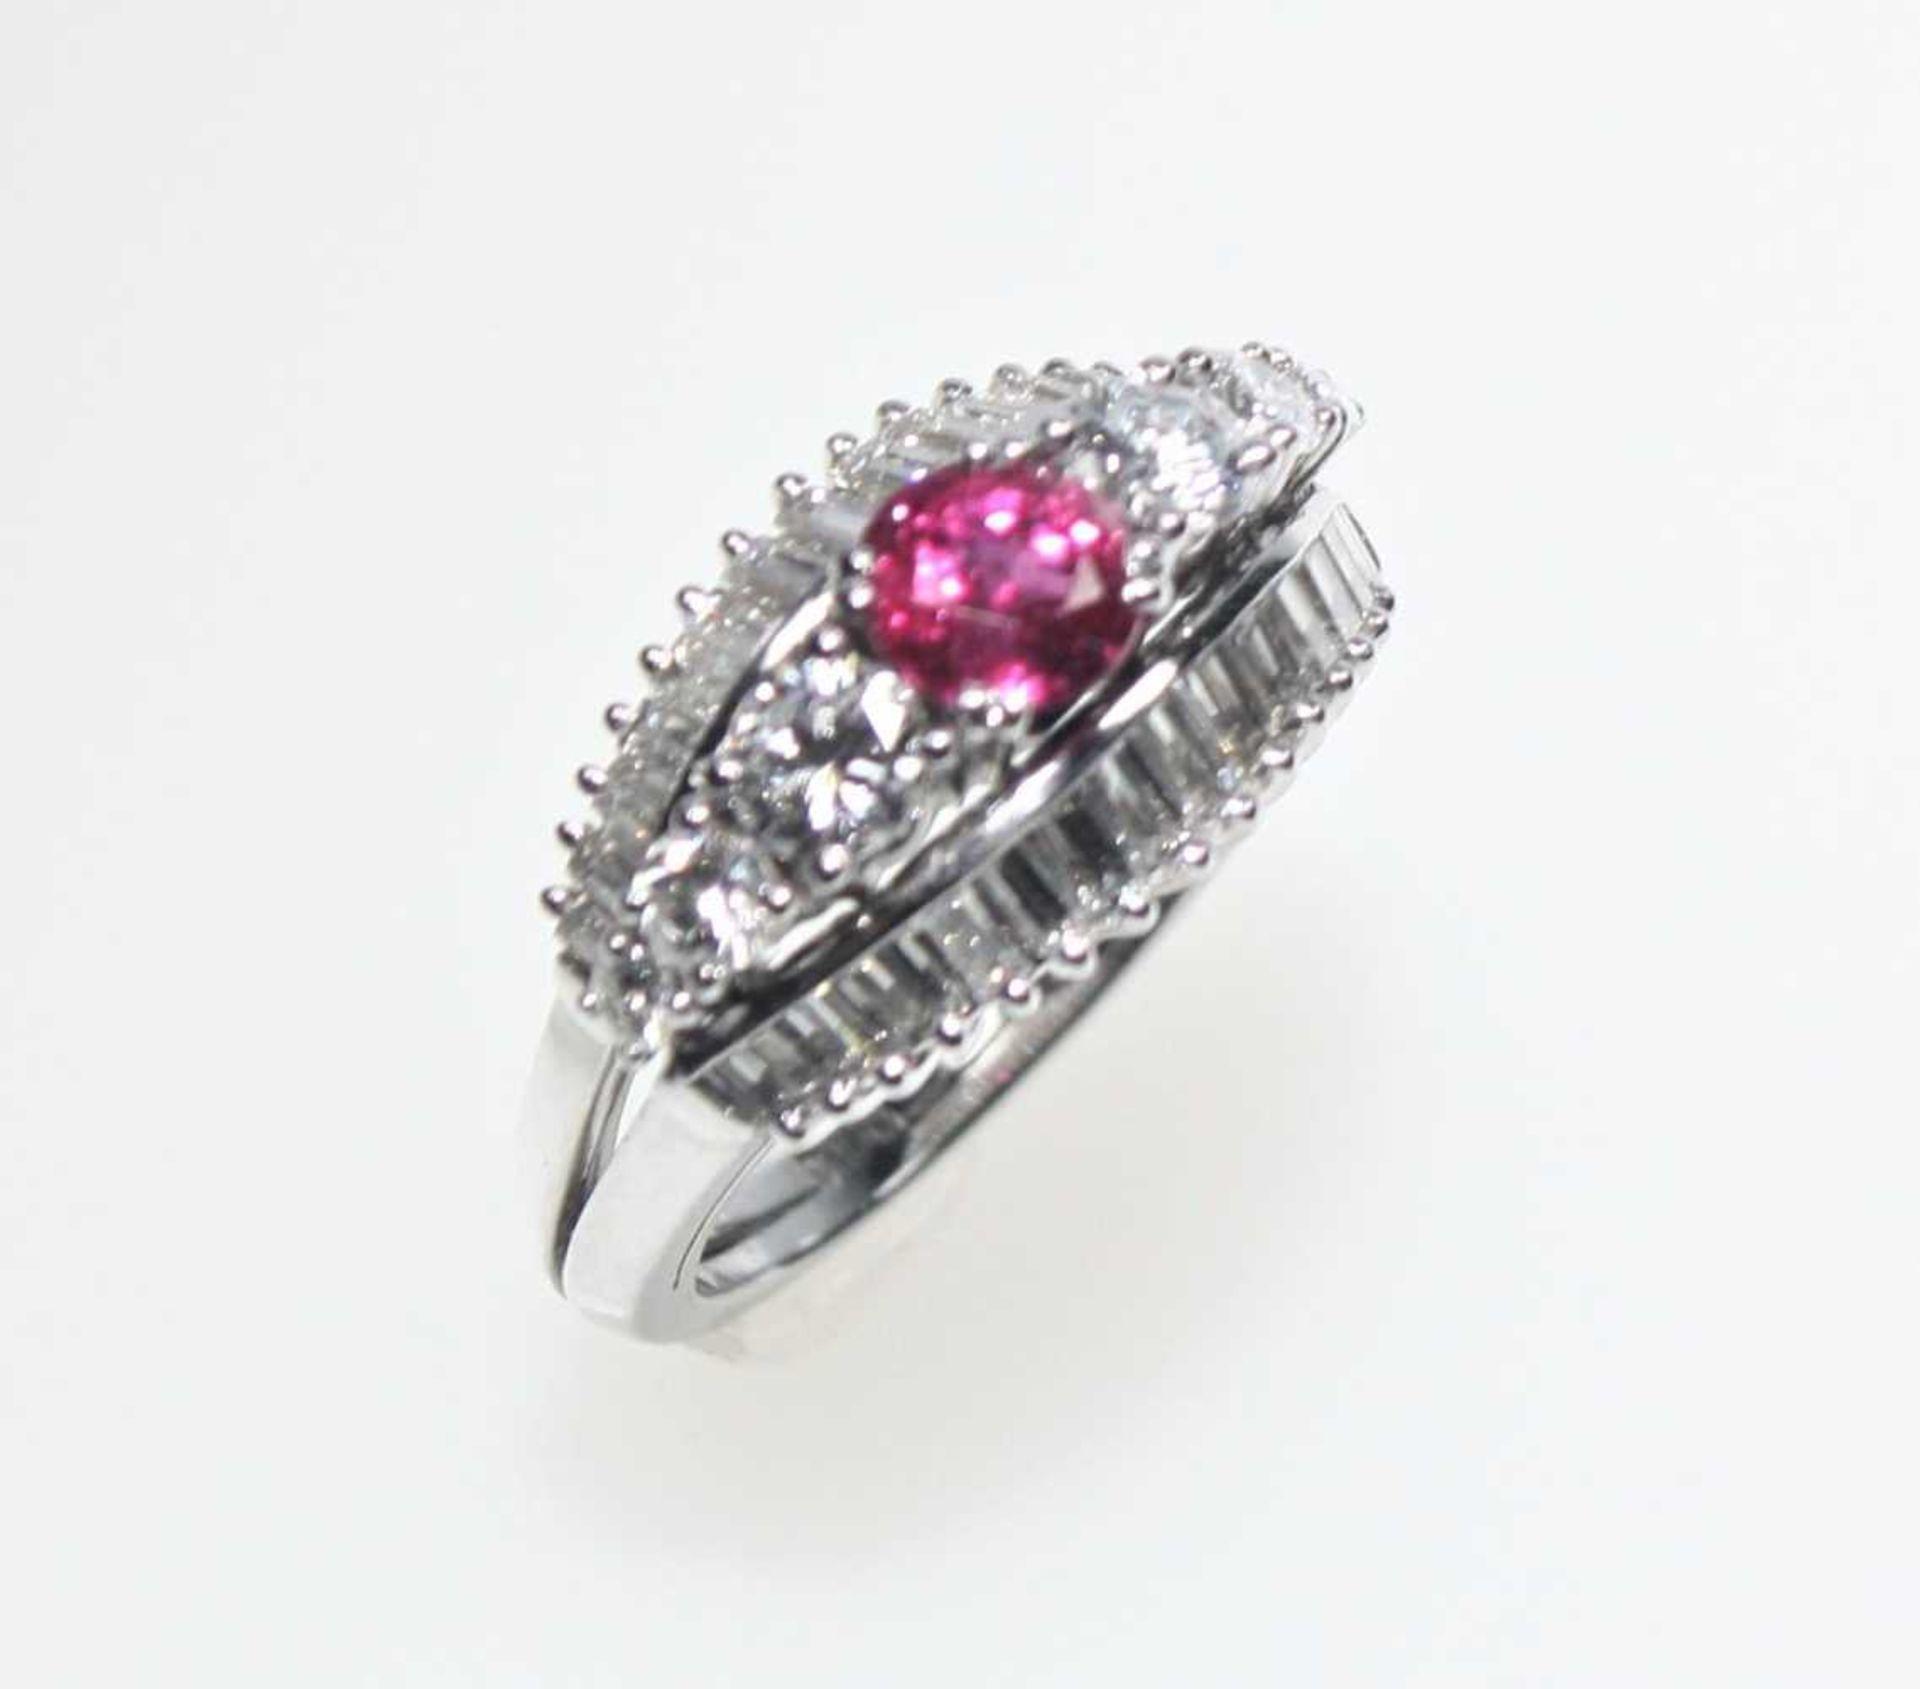 Weißgoldring 750/f gest. mit einem rund facettierten Rubin ca. 0,70 ct und Diamanten in Brillant-